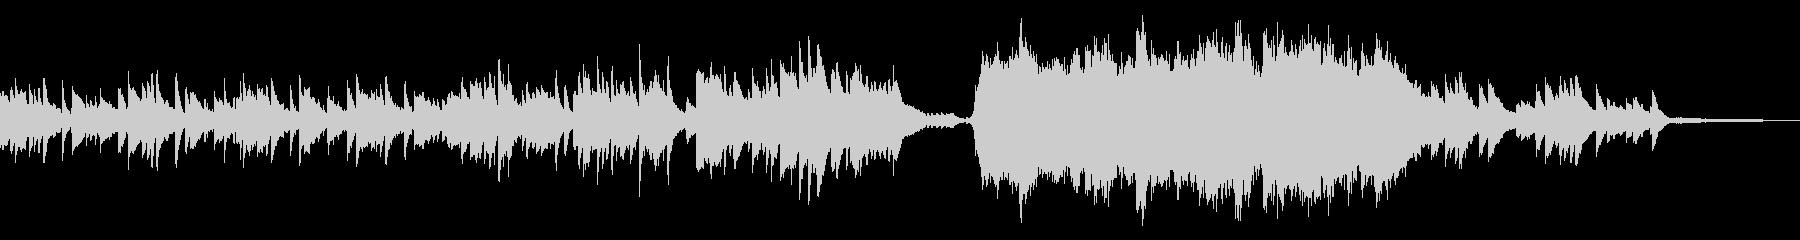 幻想的で物悲しい雰囲気のBGMの未再生の波形